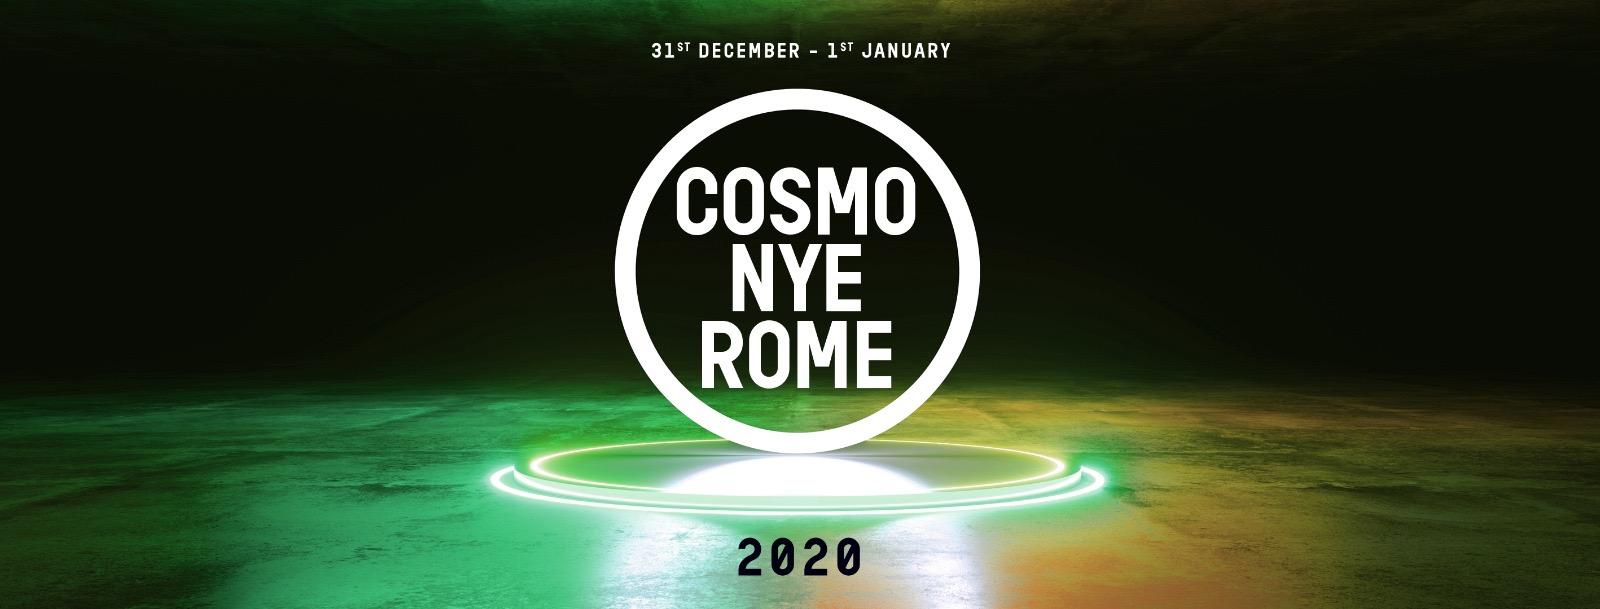 cosmo festival 2020 roma